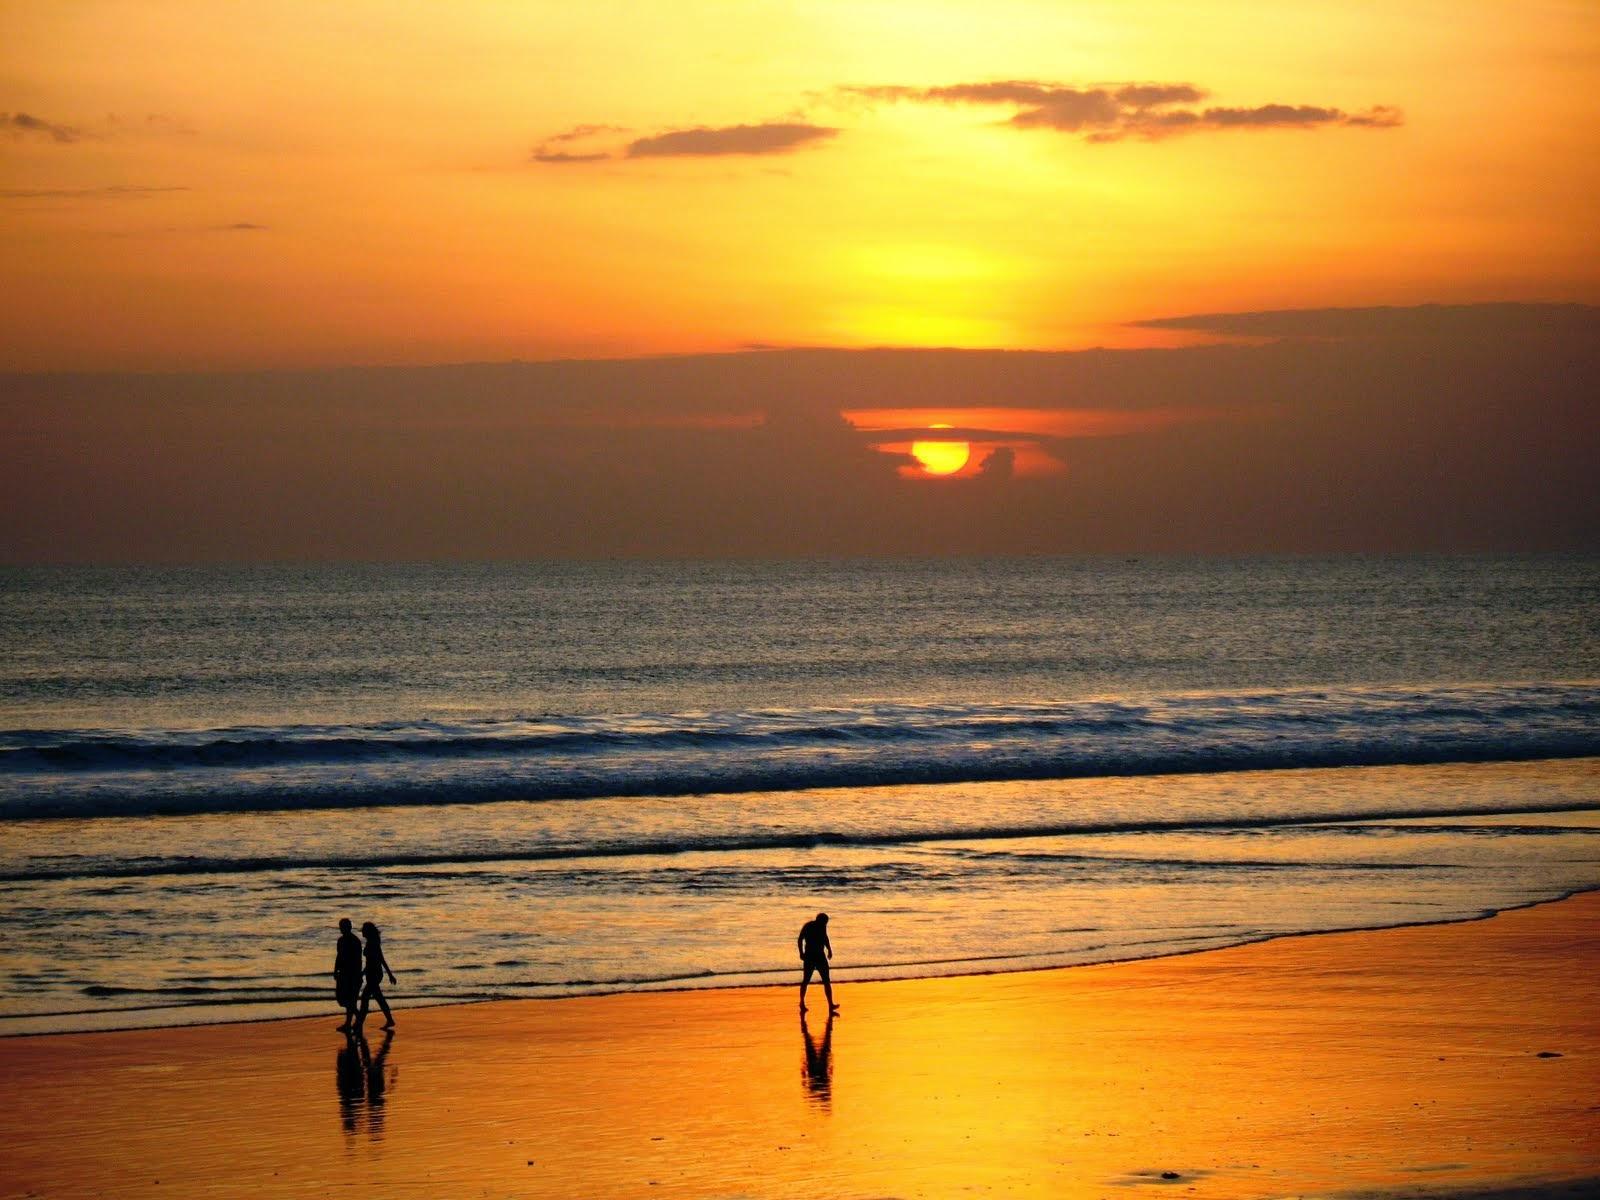 Download 9000 Wallpaper Pemandangan Pantai Sore Hari HD Terbaru